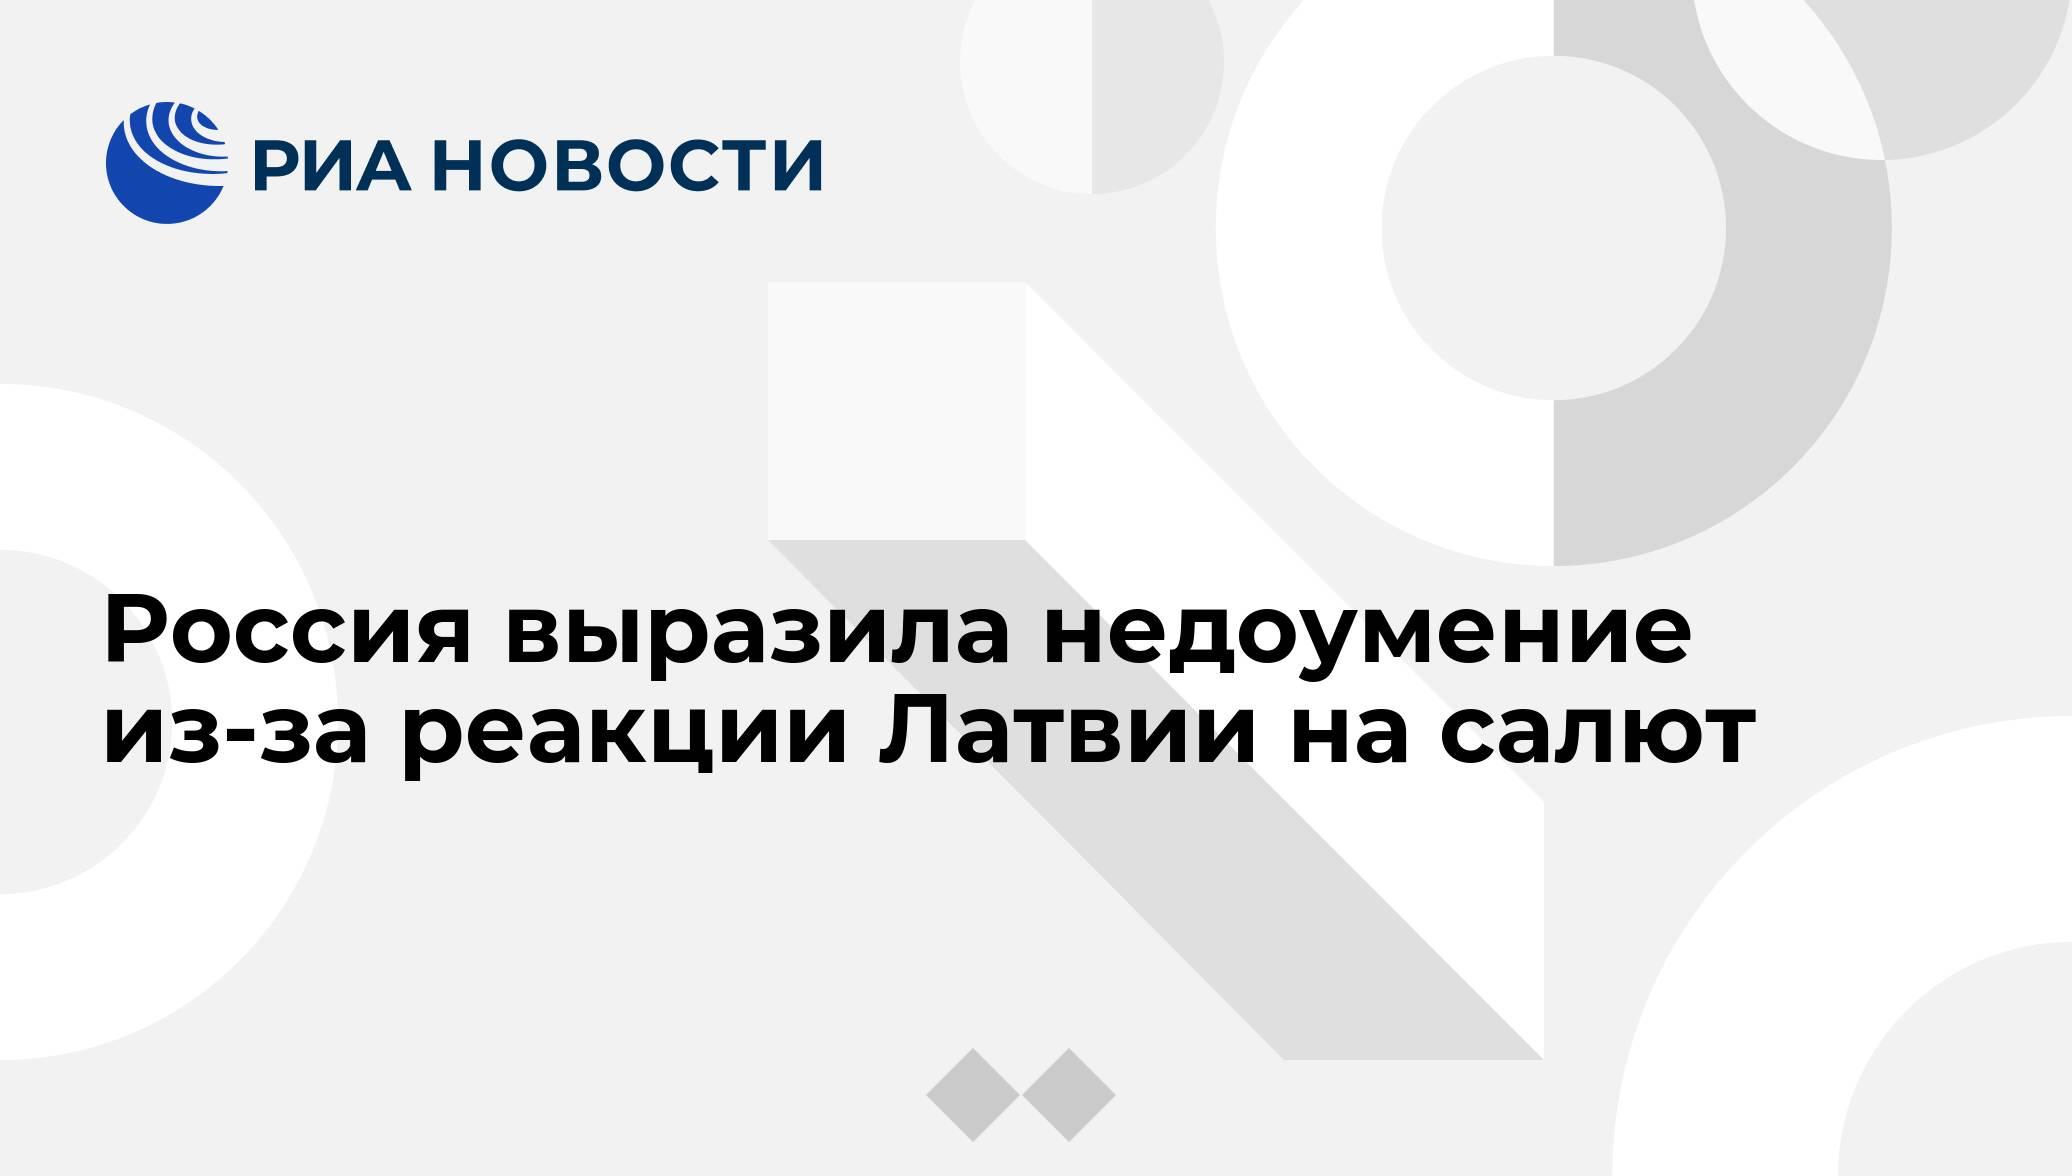 Россия выразила недоумение из-за реакции Латвии на салют